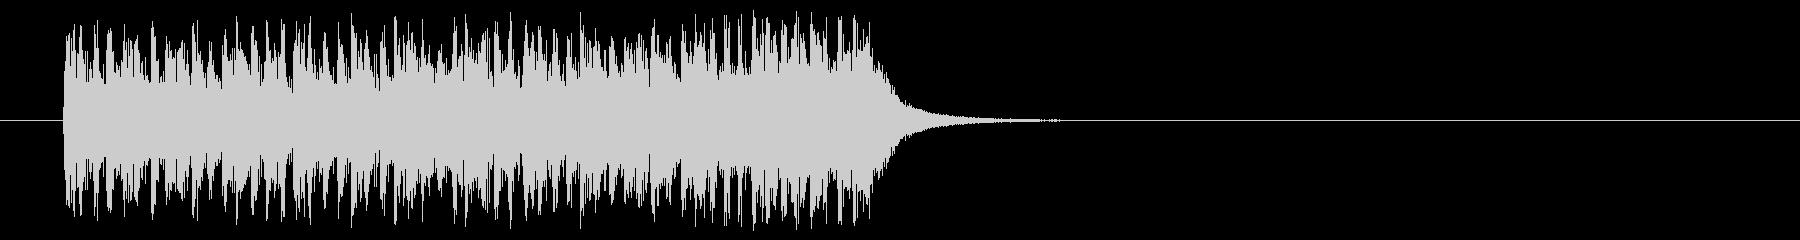 ジングル/追跡せよ!(キュー・アタック)の未再生の波形